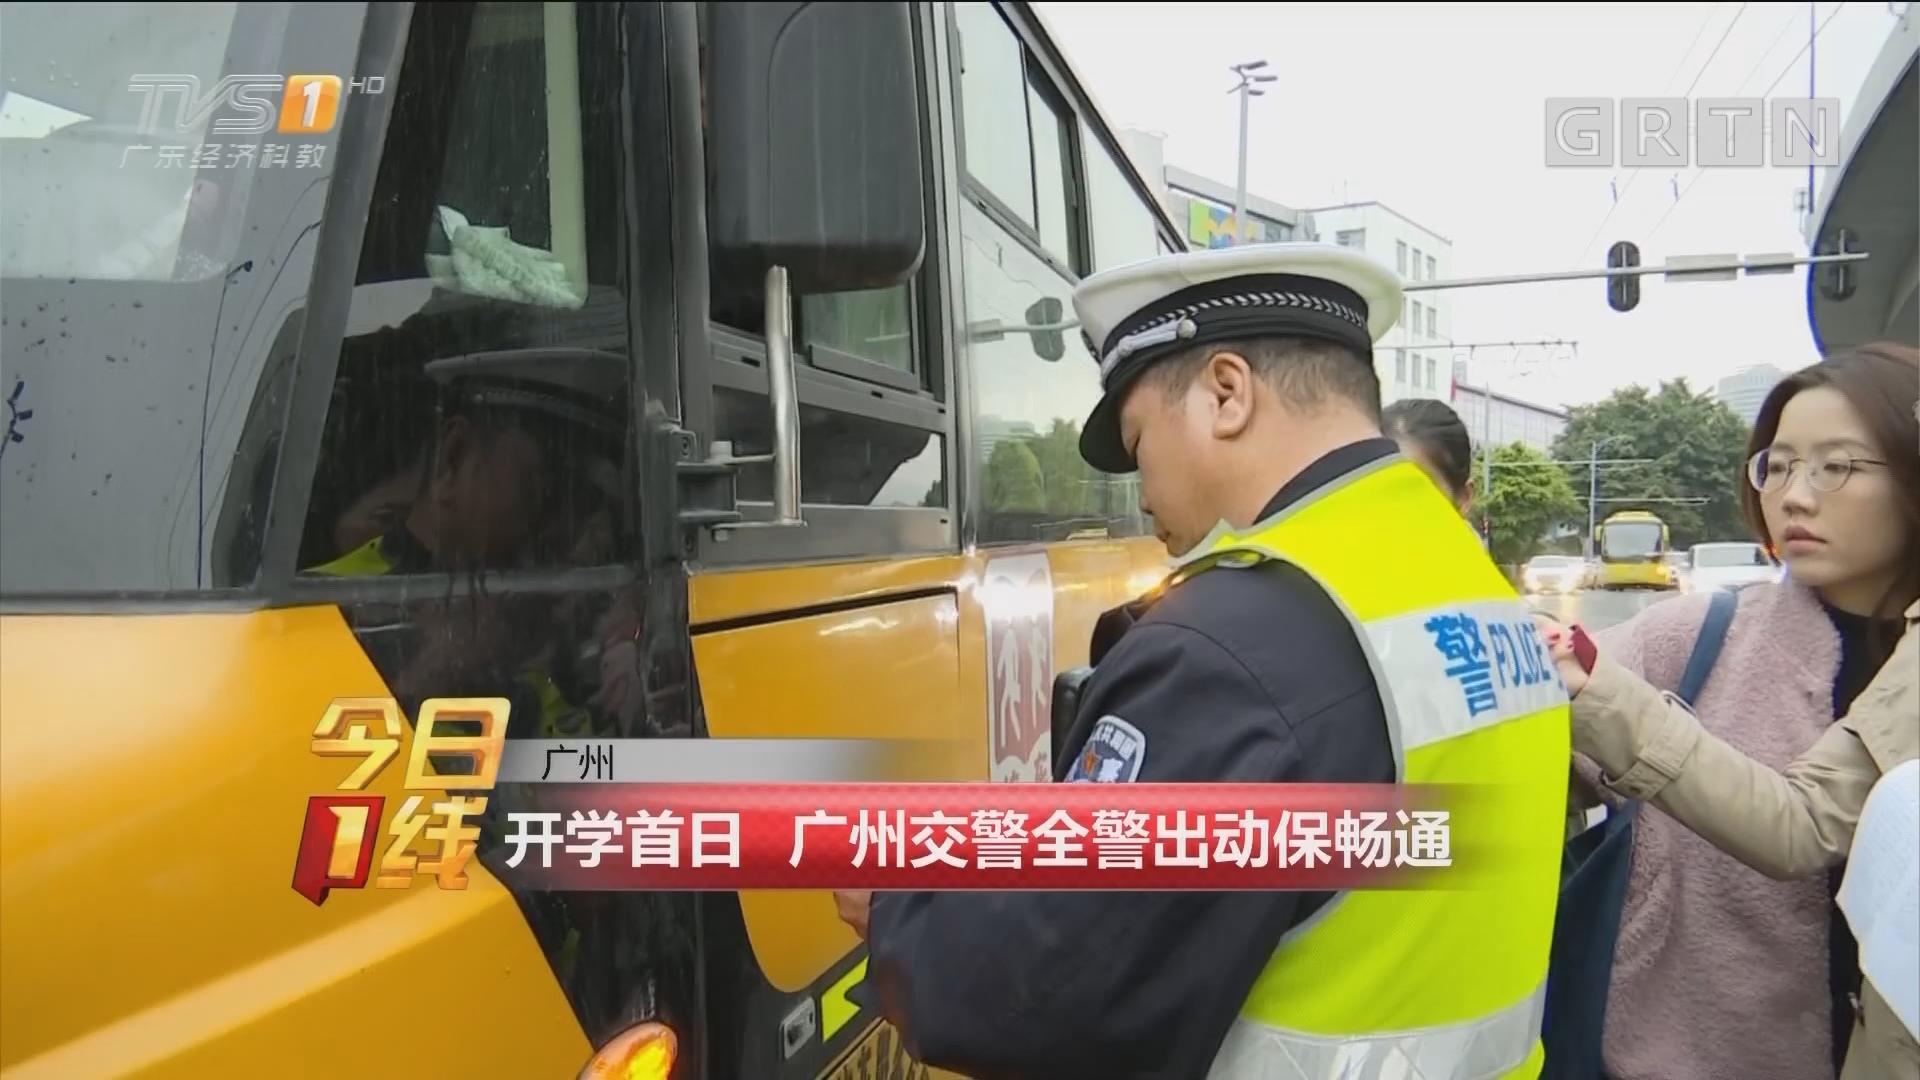 广州:开学首日 广州交警全警出动保畅通